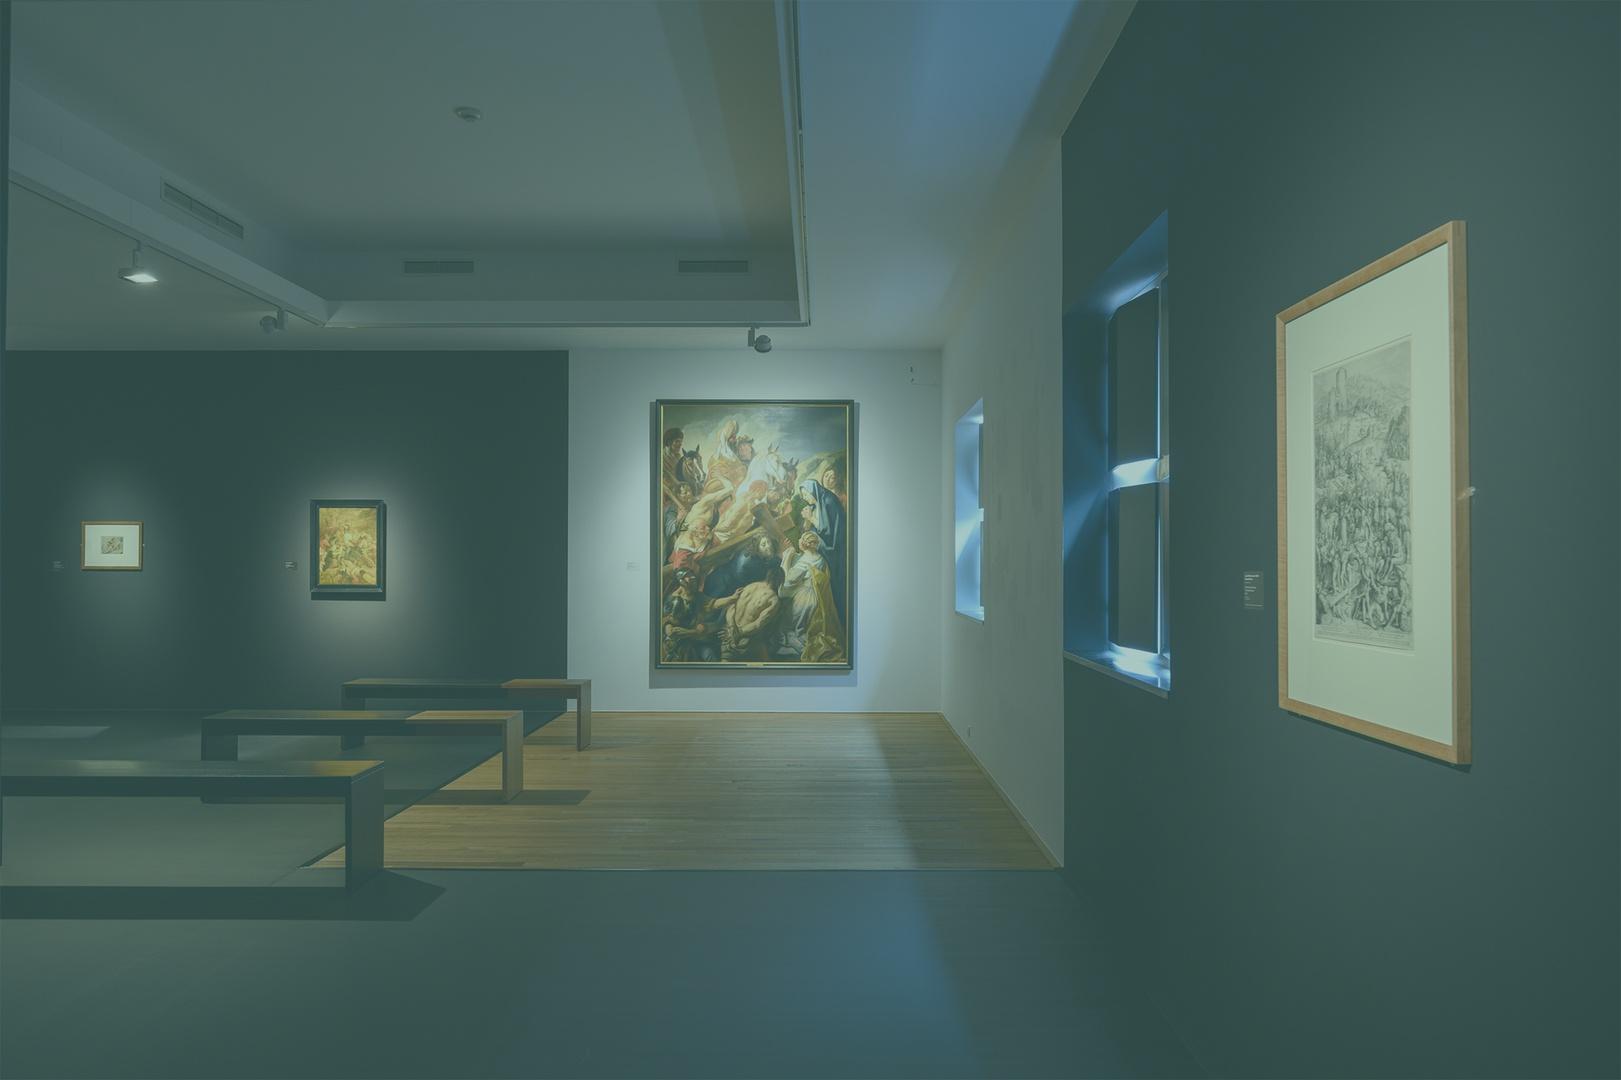 Brueghel en tijgenoten: kunst als verborgen verzet?